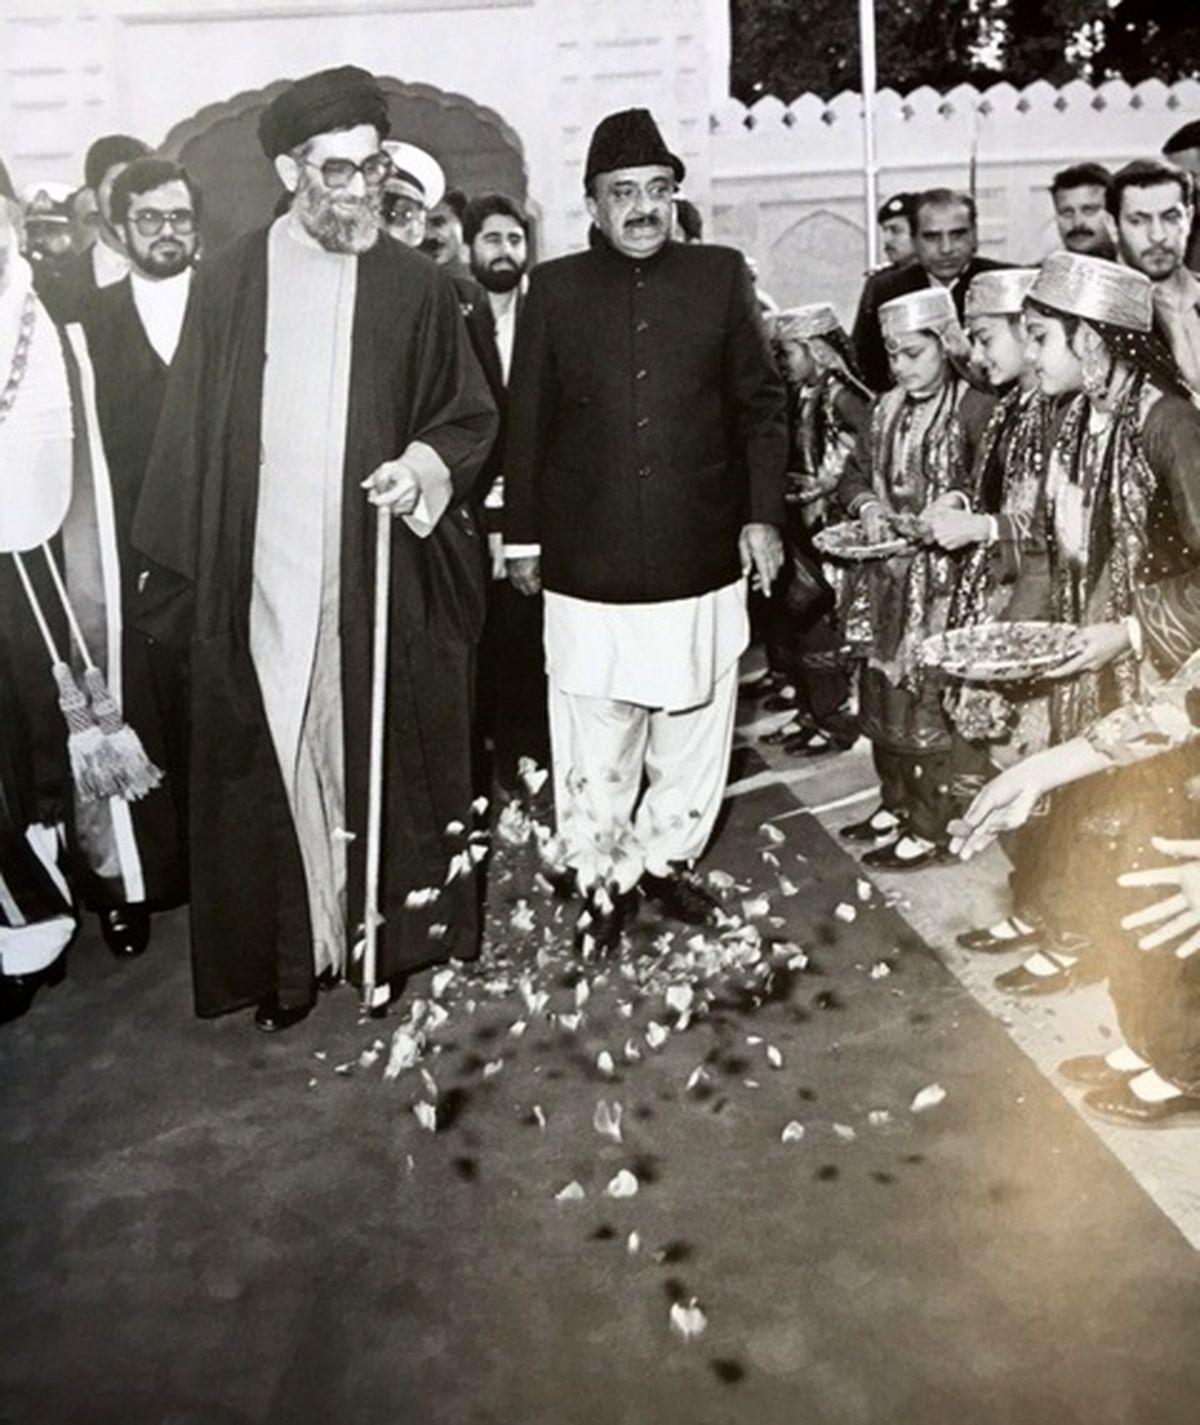 استقبال تاریخی مردم پاکستان از مقام معظم رهبری در دوران ریاست جمهوری/ عکس